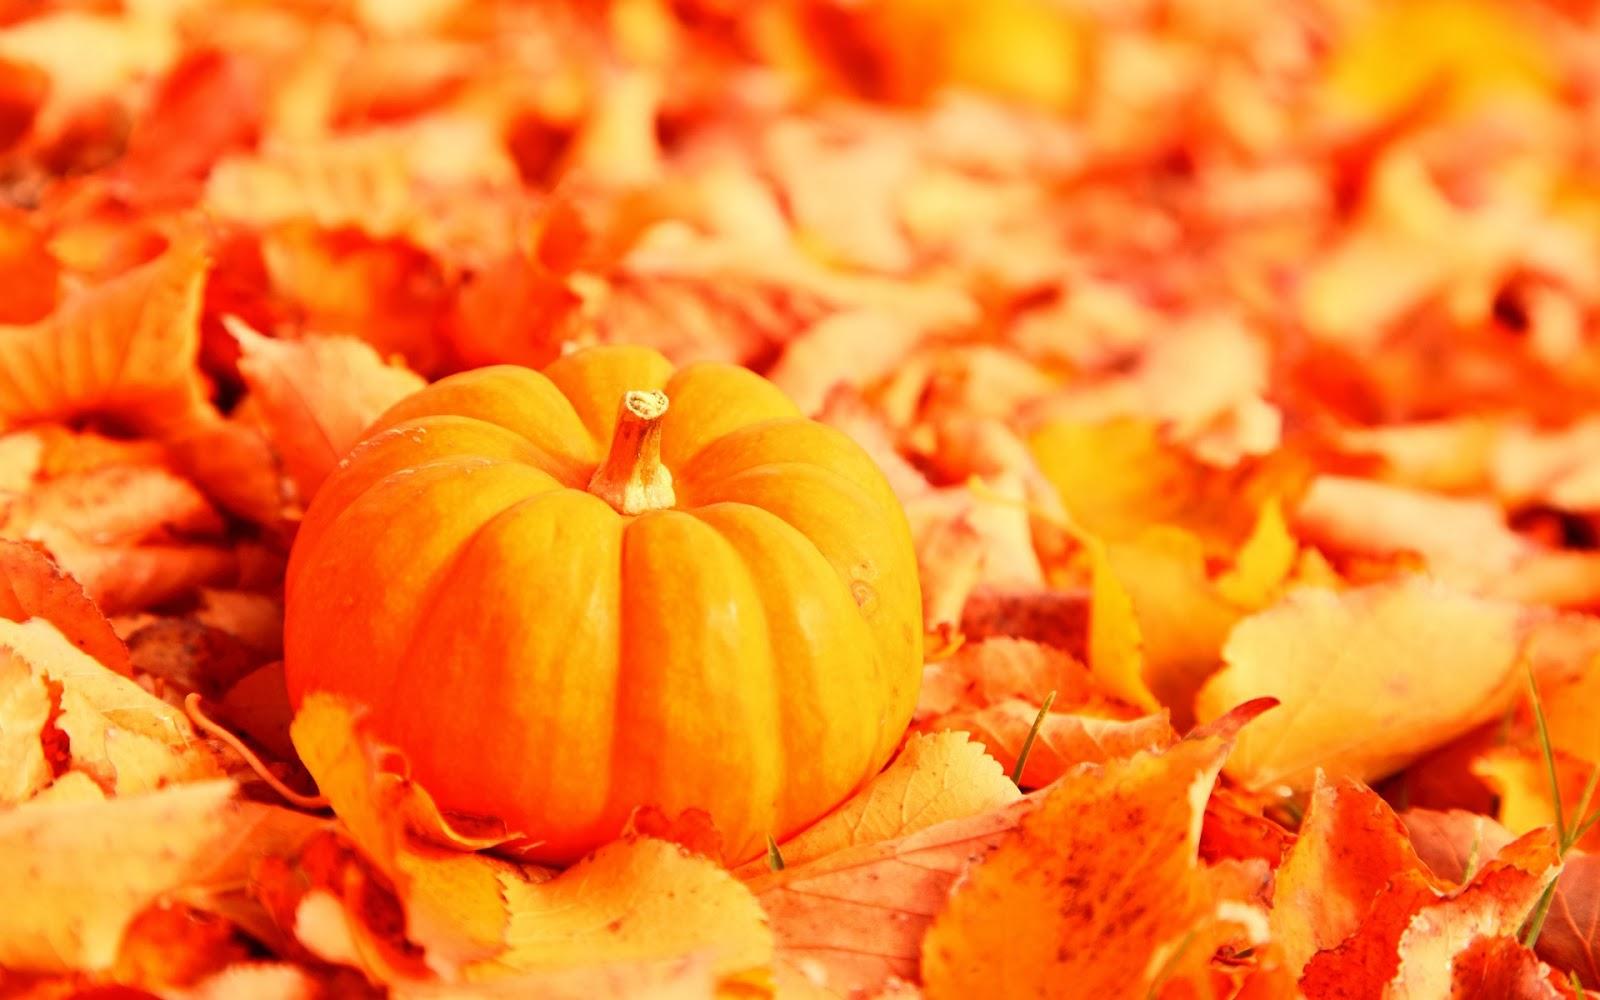 Autumn pumpkin background mobile wallpapers - Pumpkin wallpaper fall ...